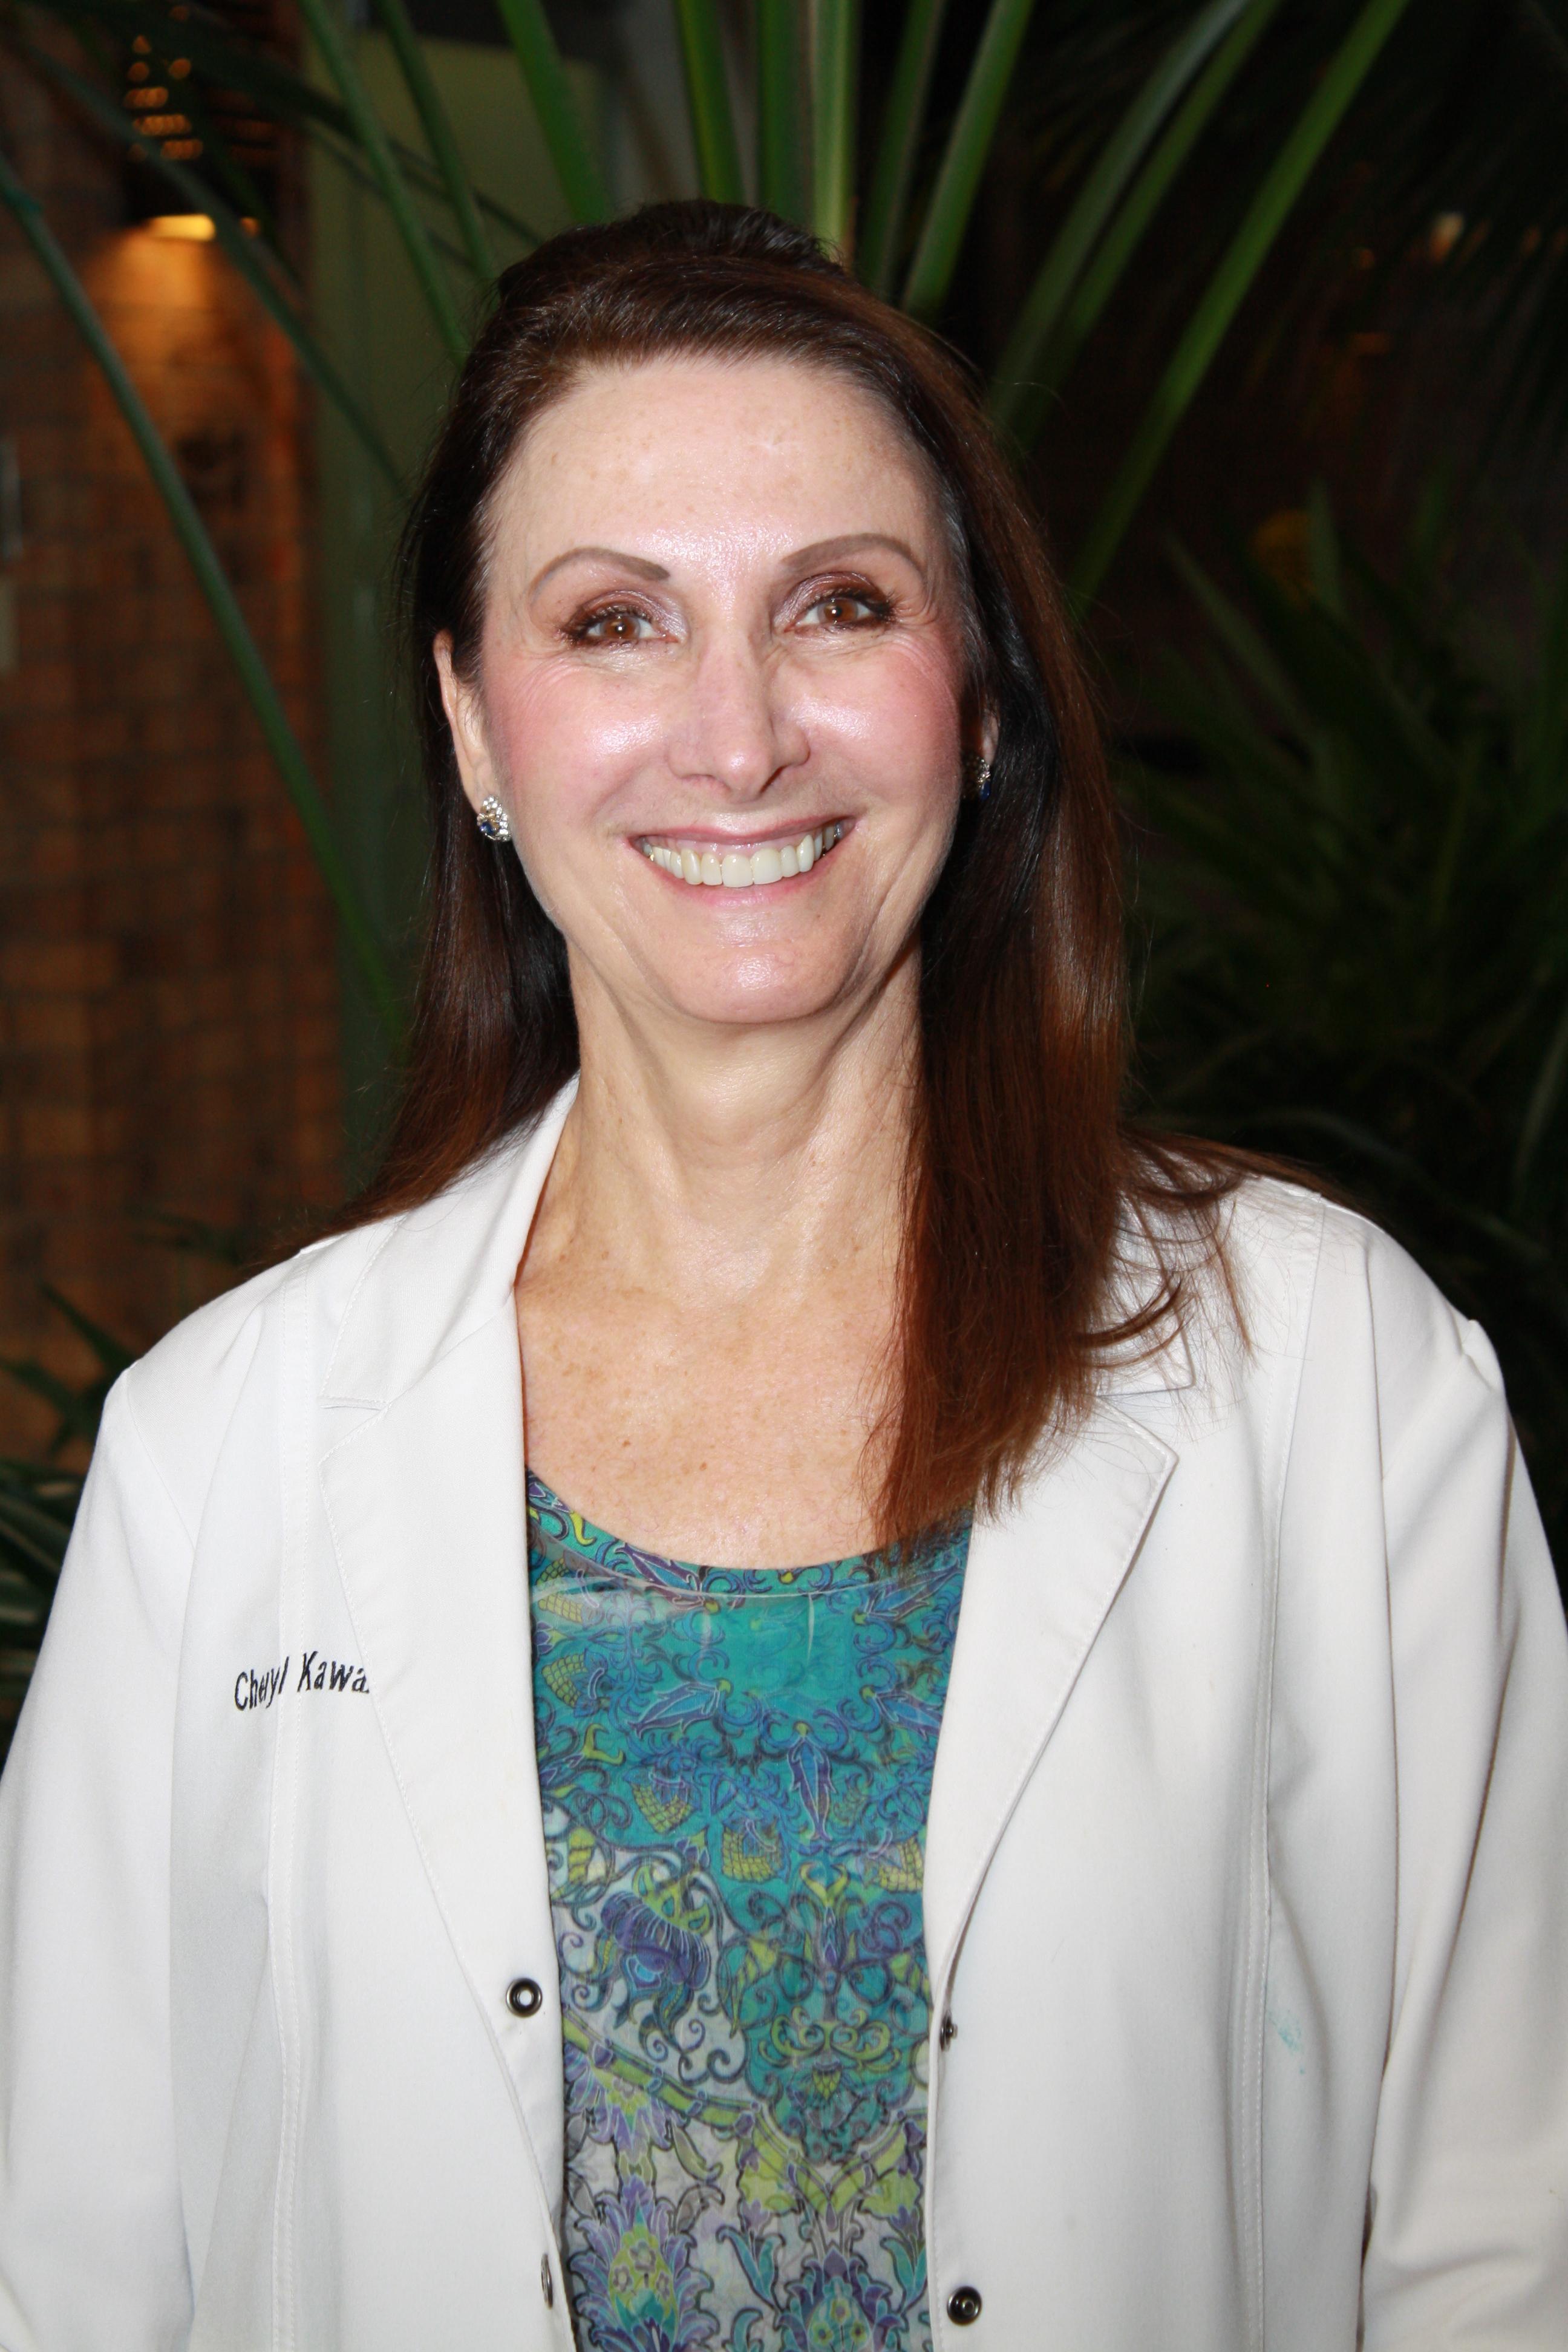 Cheryl Kawalsky, DDS